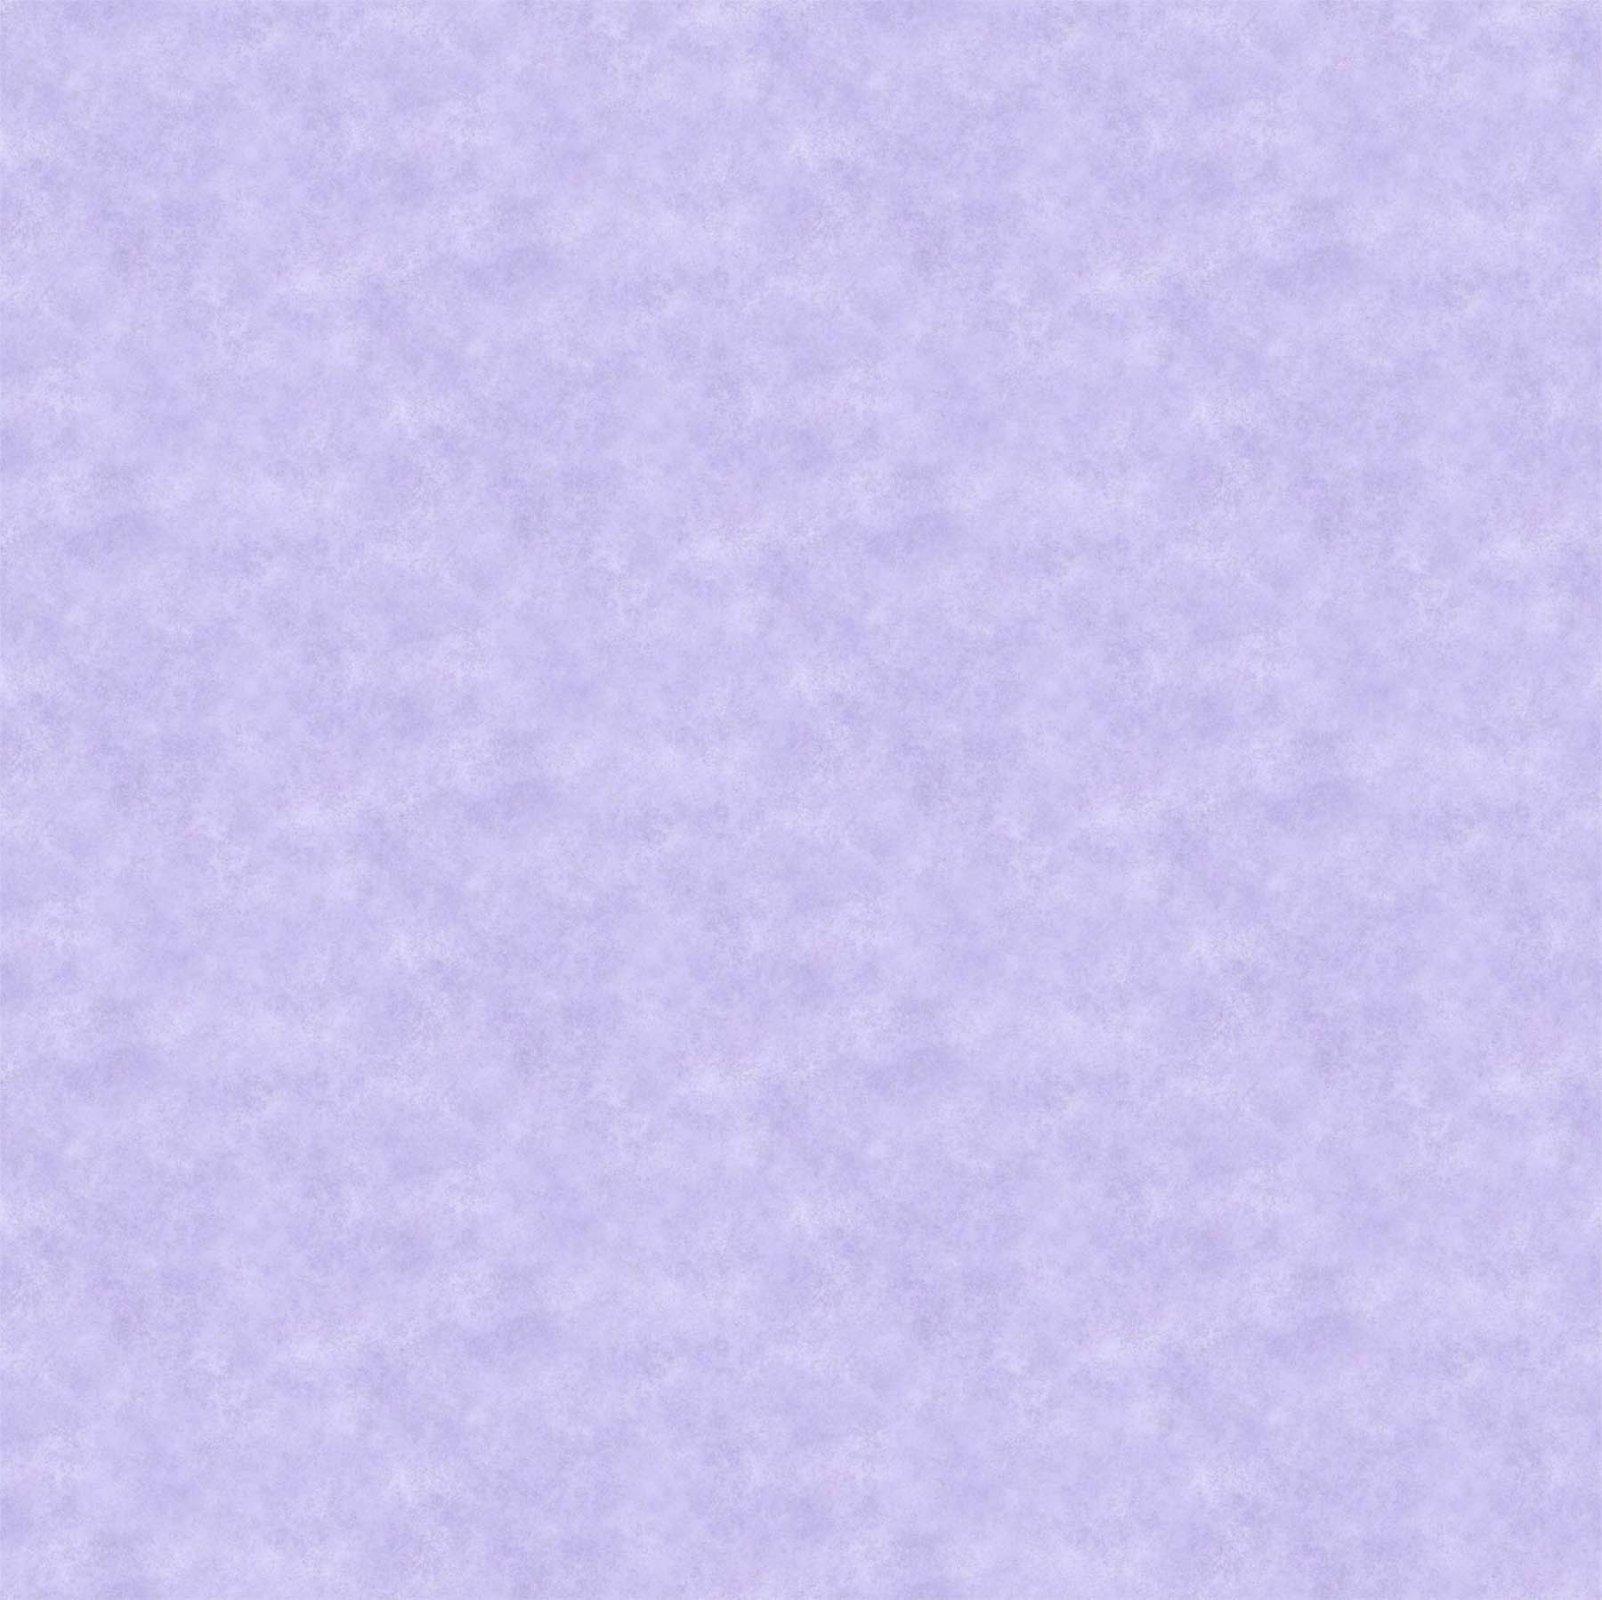 Shimmer - Radiance - Lavender